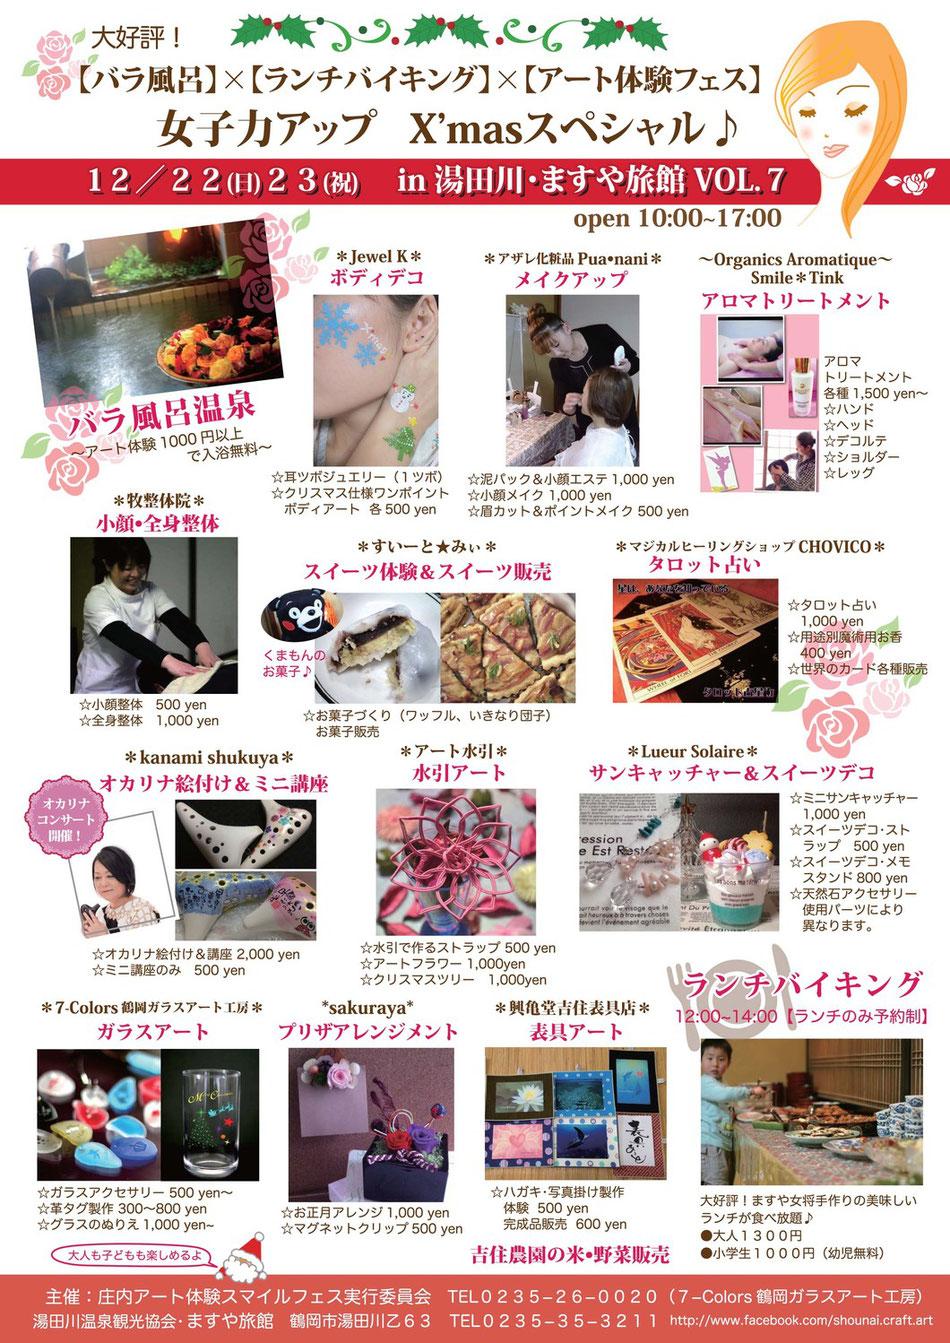 【バラ風呂】×【ランチバイキング】×【アート体験フェス】 女子力アップSP in湯田川・ますや旅館 VOL7